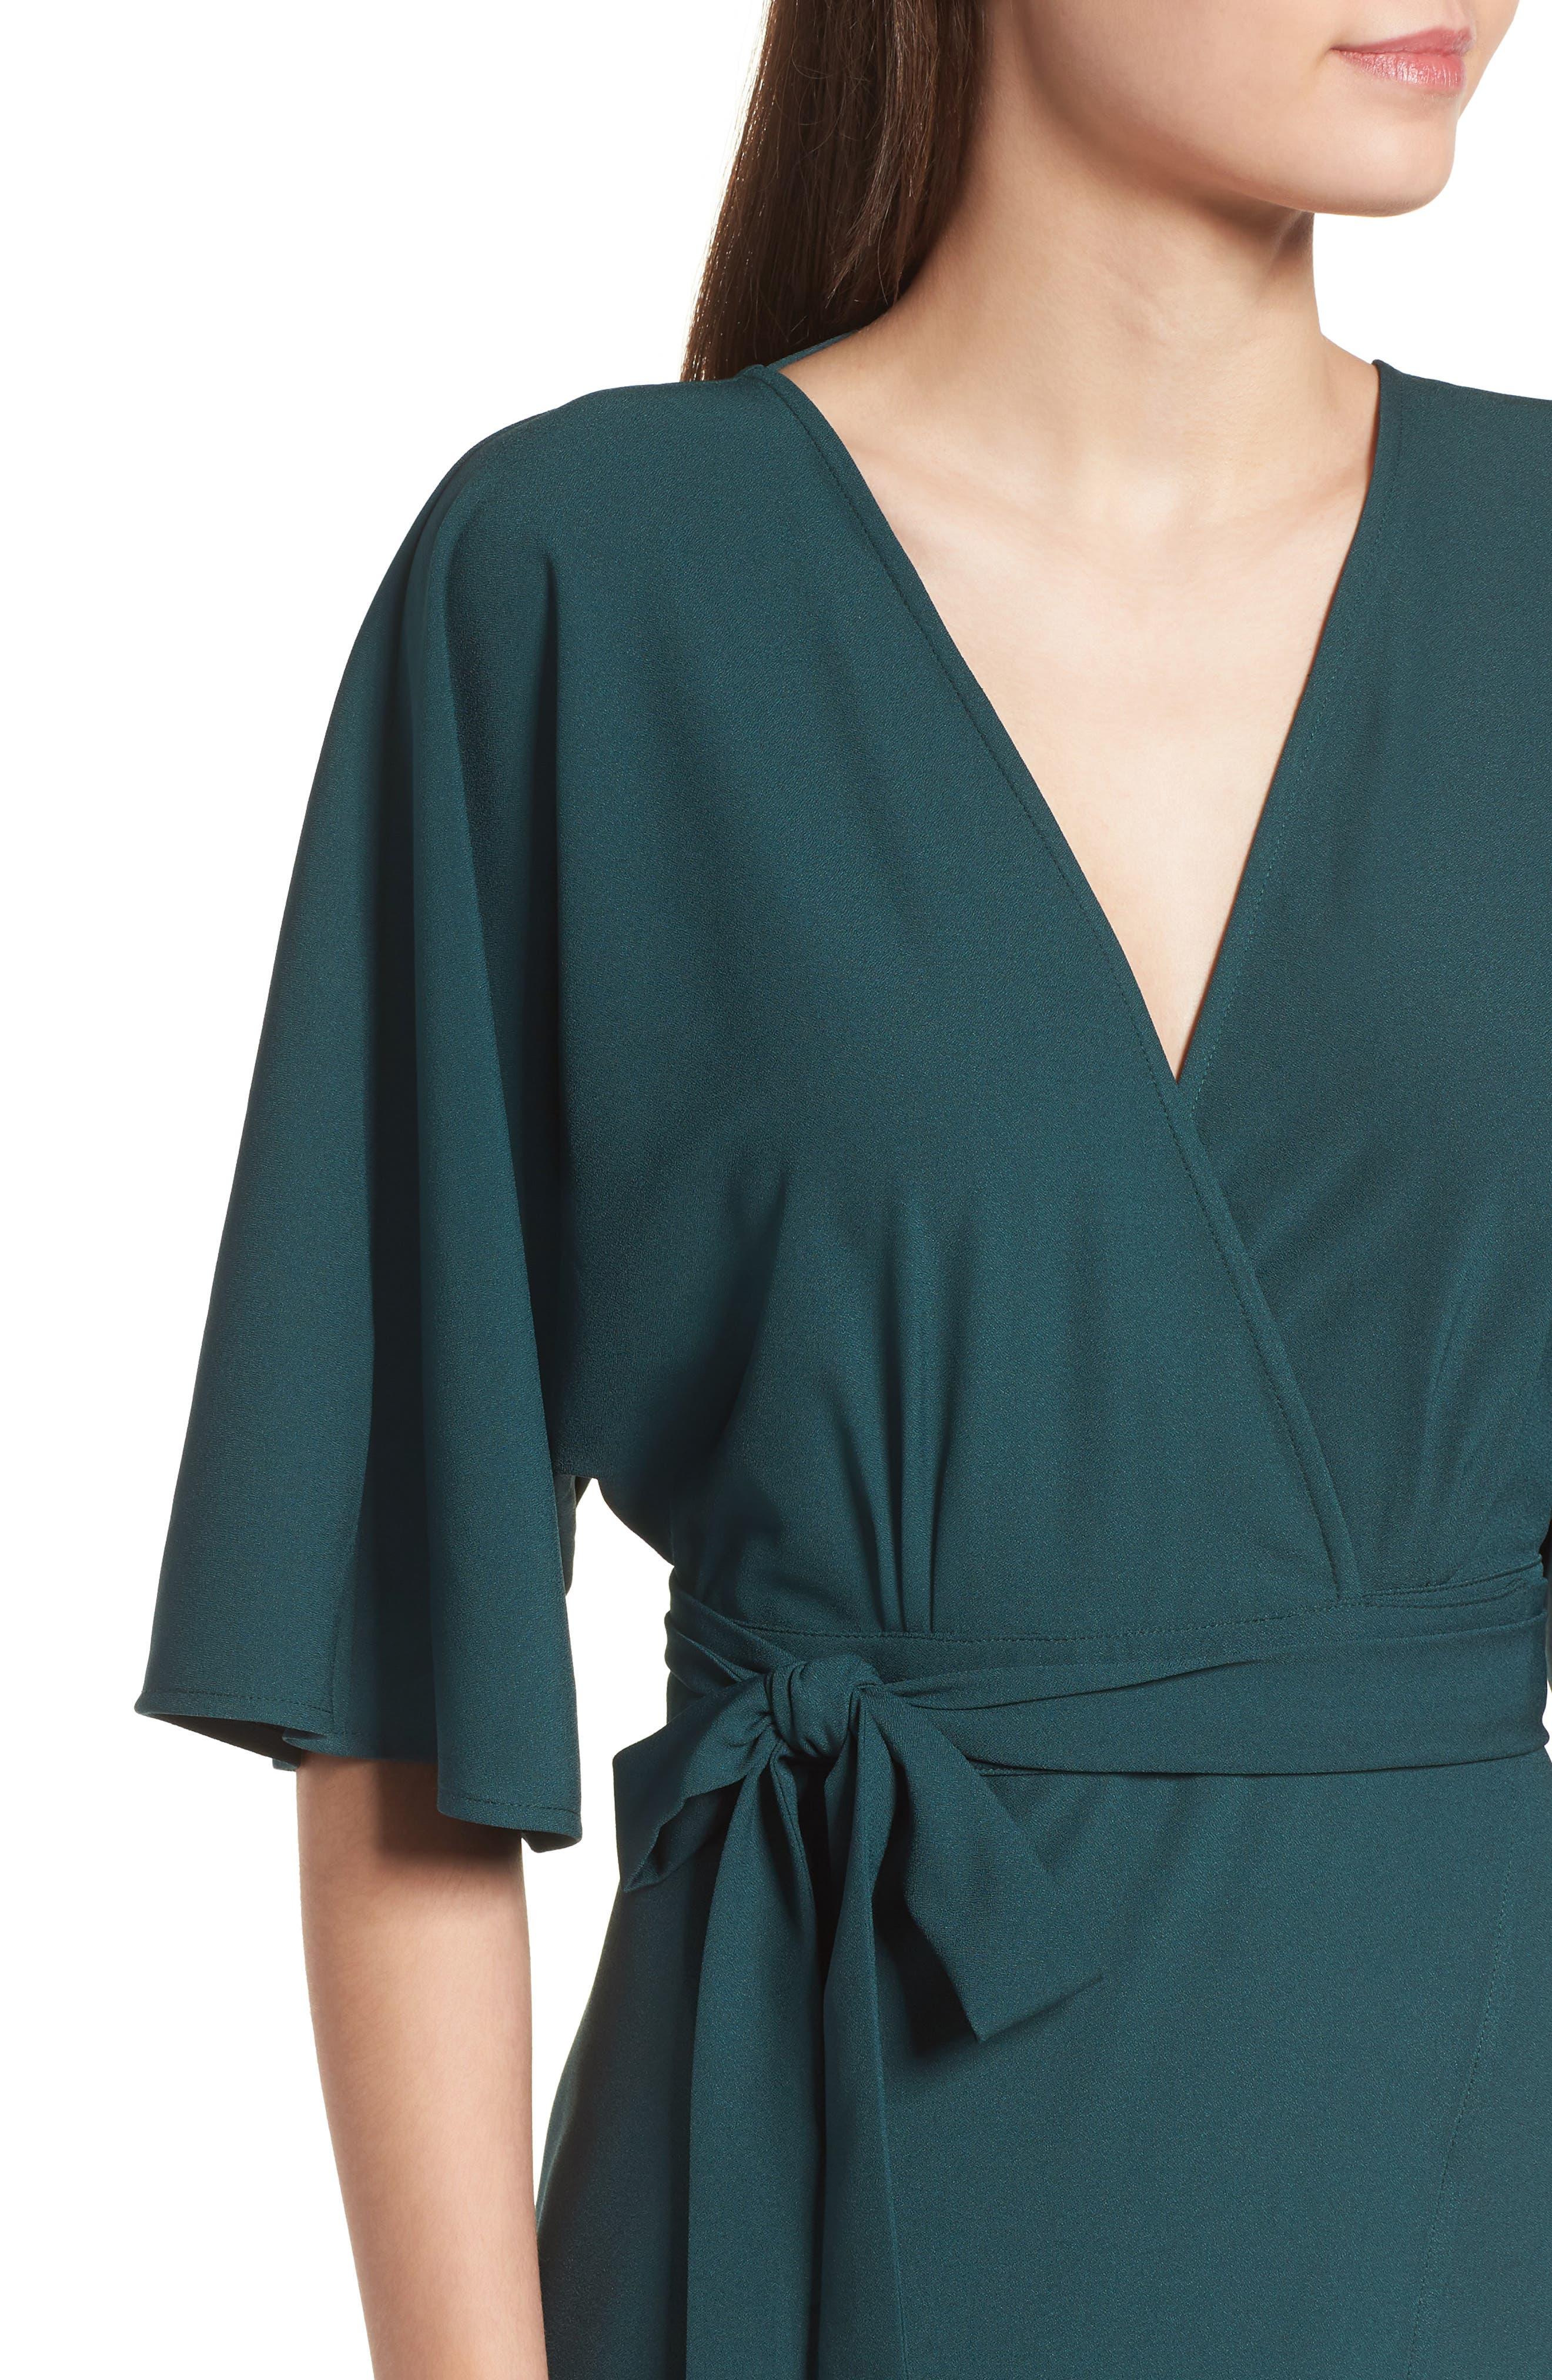 Kimono Maxi Dress,                             Alternate thumbnail 4, color,                             301